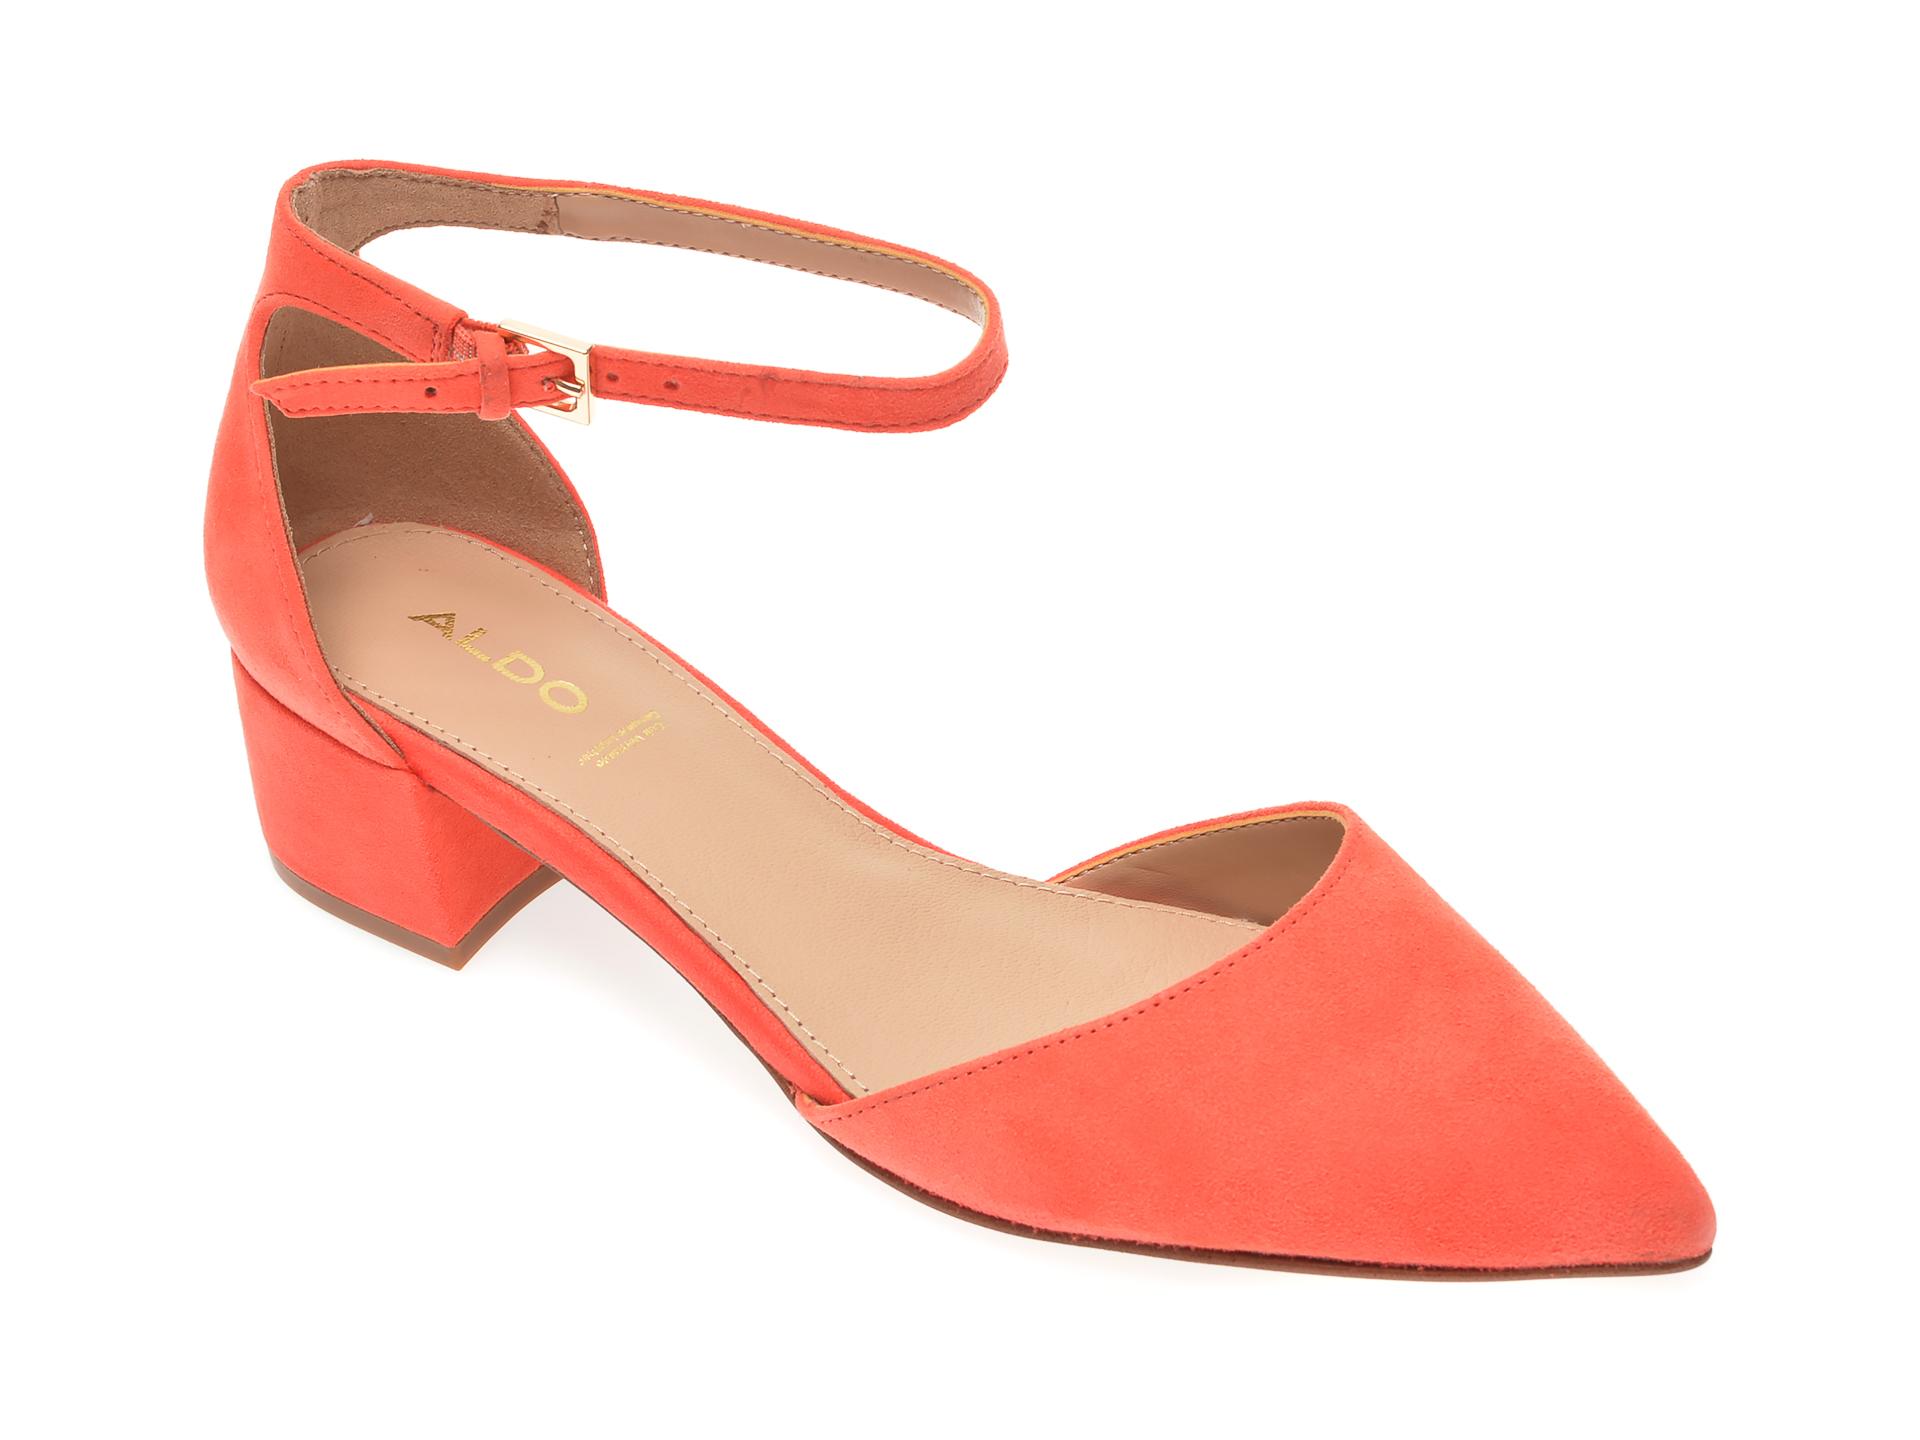 Pantofi ALDO portocalii, Zulian840, din piele intoarsa imagine otter.ro